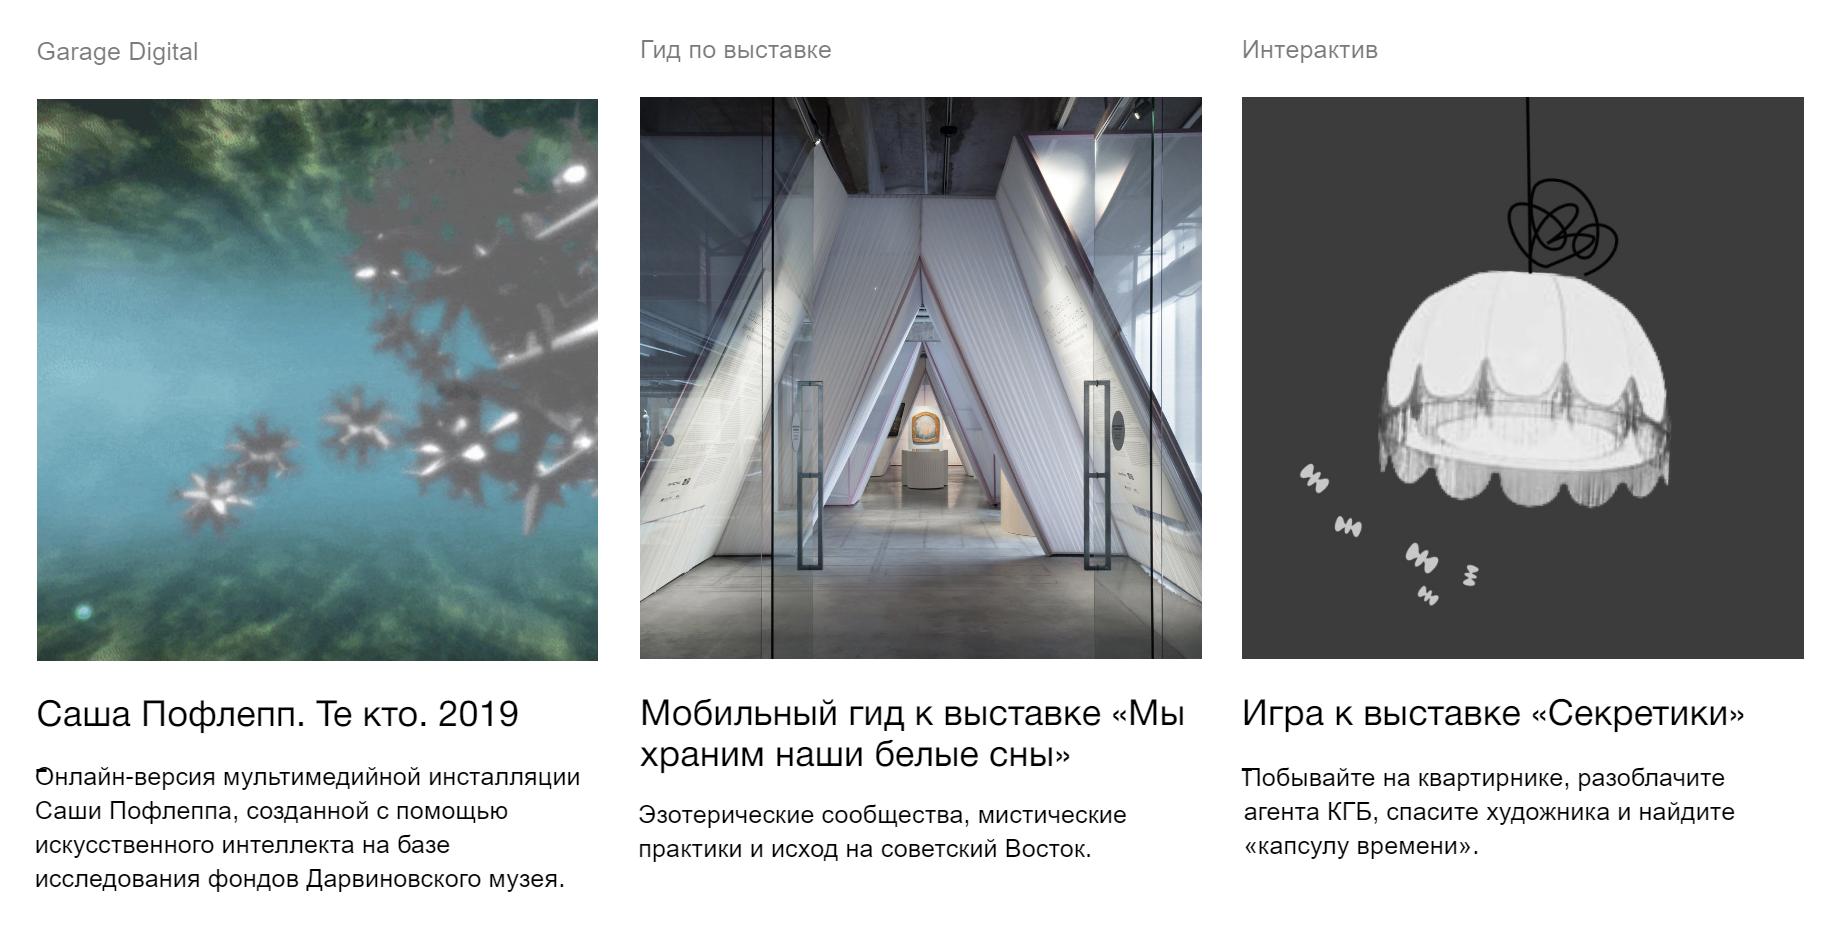 """Искусство на карантине это онлайн-версия инсталляции Саши Пофлеппа, мобильный гид к выставке """"Мы храним наши белые сны"""" и многое другое на сайте музея современного искусства """"Гараж"""""""